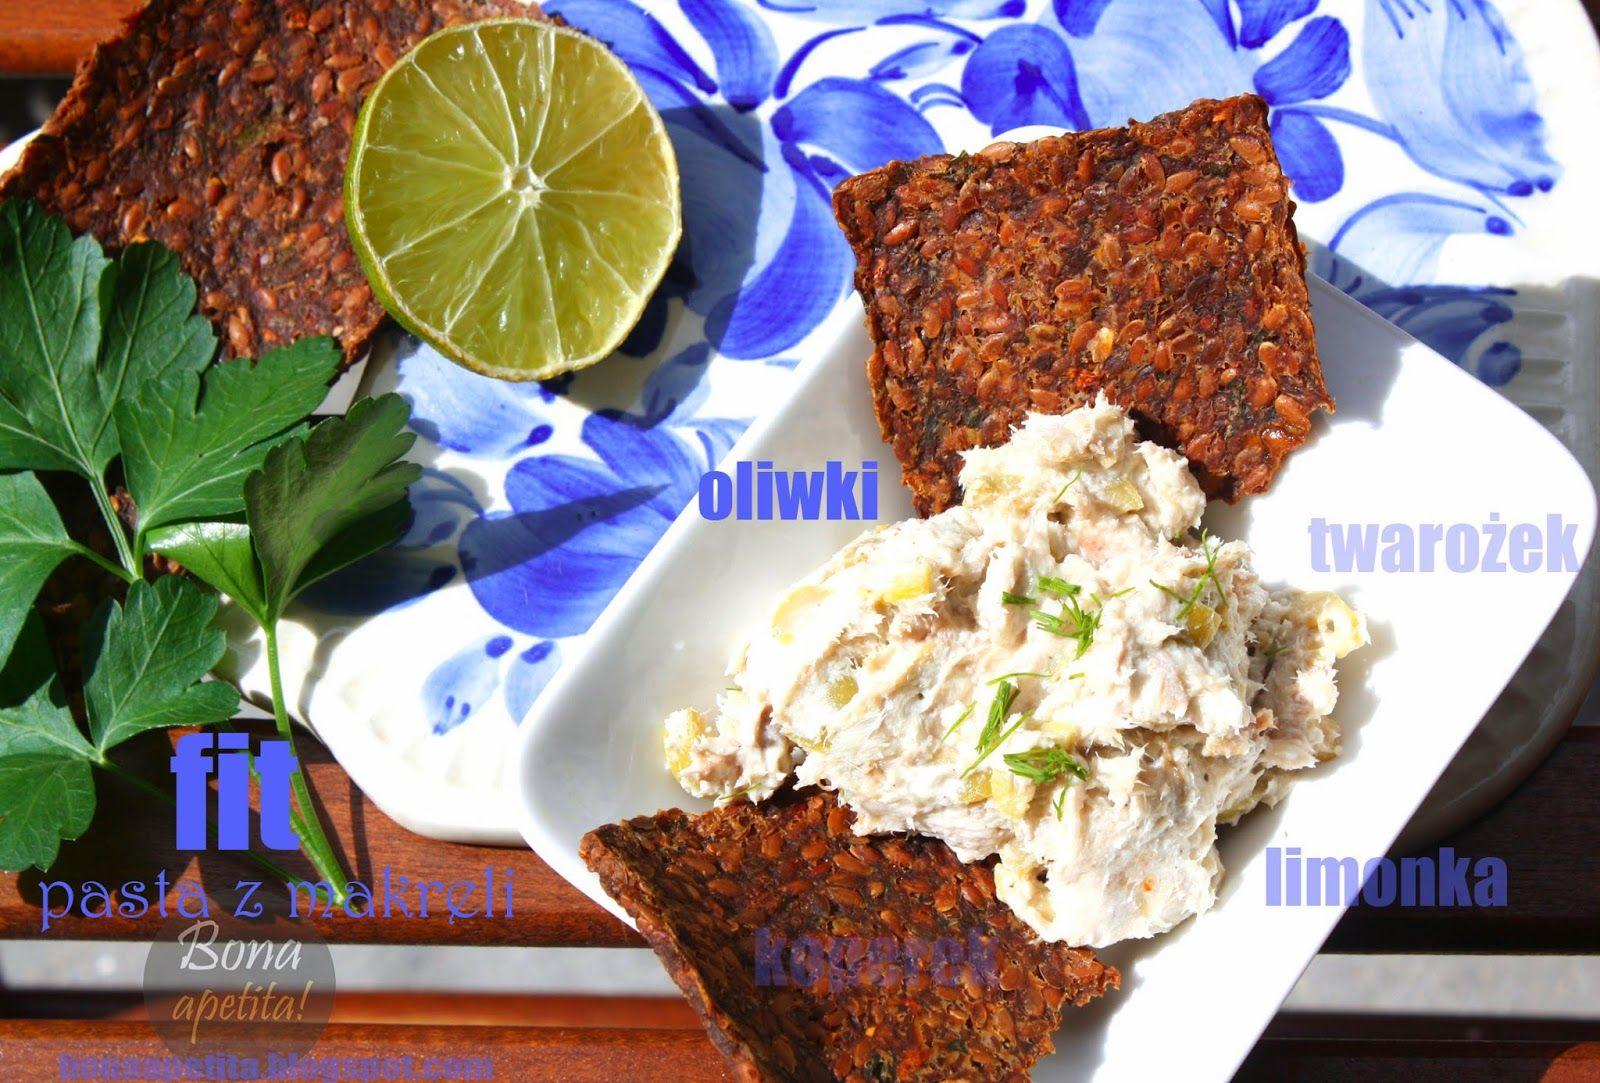 Bona Apetita! blog kulinarny, wnętrza, żyj ze smakiem!: Fit pasta z makreli z cyklu FIT BONIA